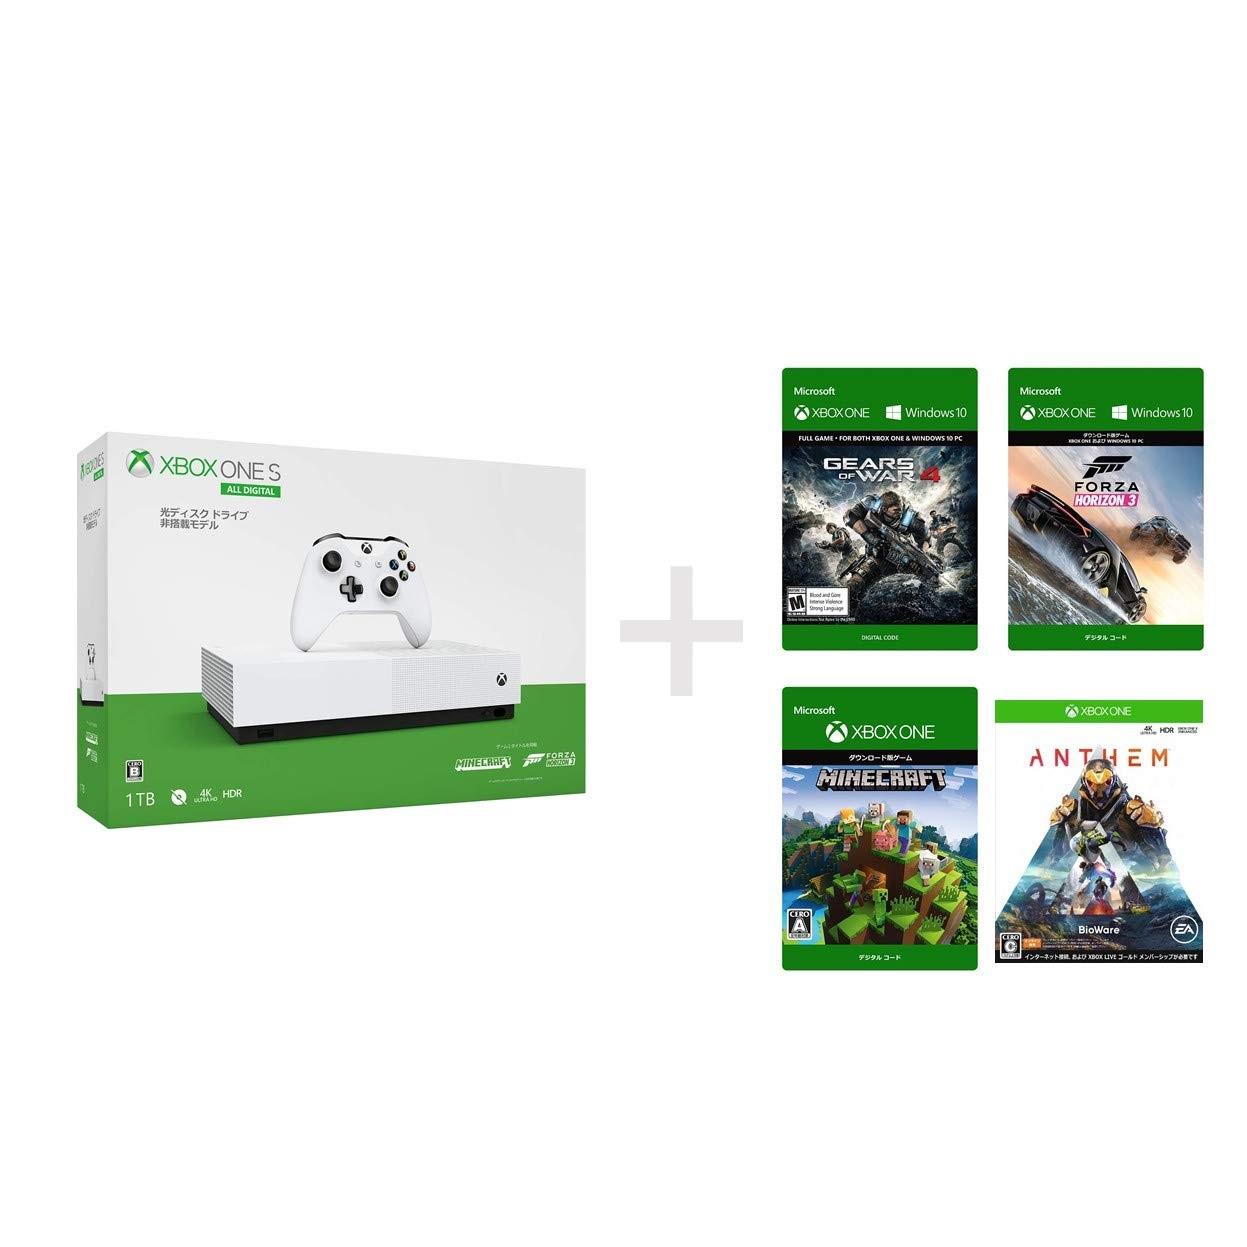 近期低价!Microsoft 微软 Xbox One S 1TB 游戏机+四个游戏同捆版